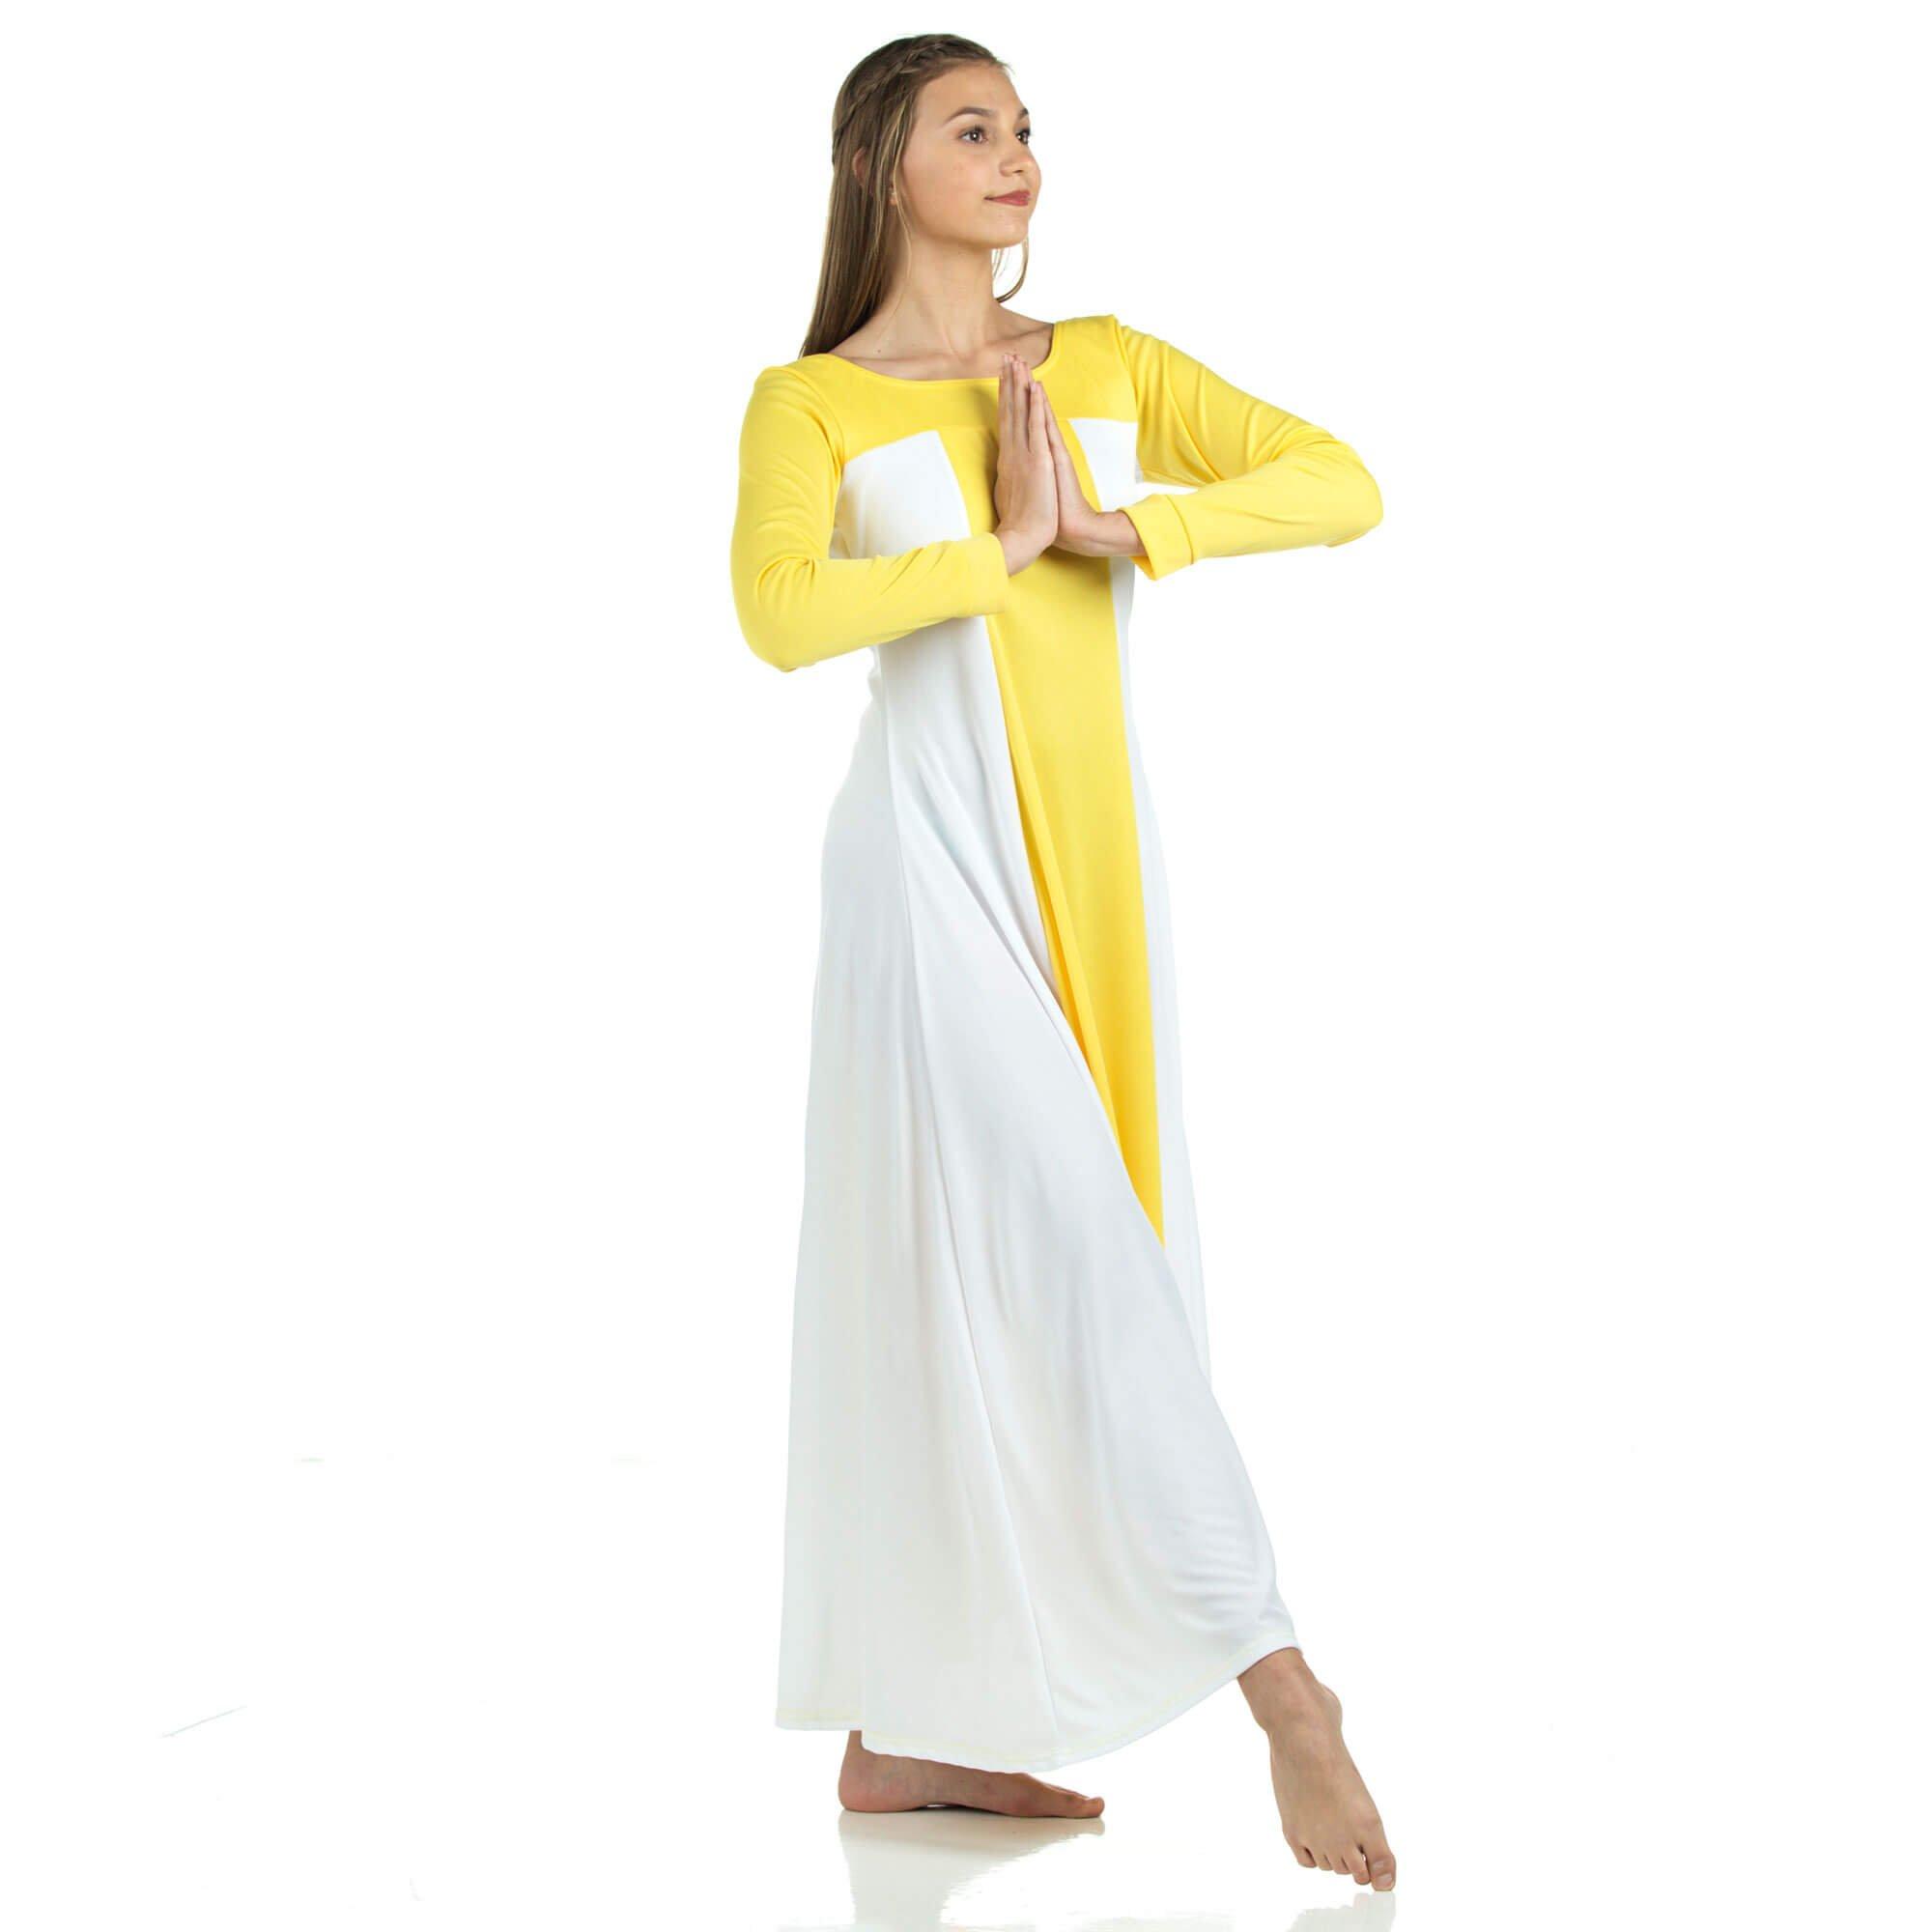 db99538d0 Turmec » danzcue praise full length long sleeve dance dress